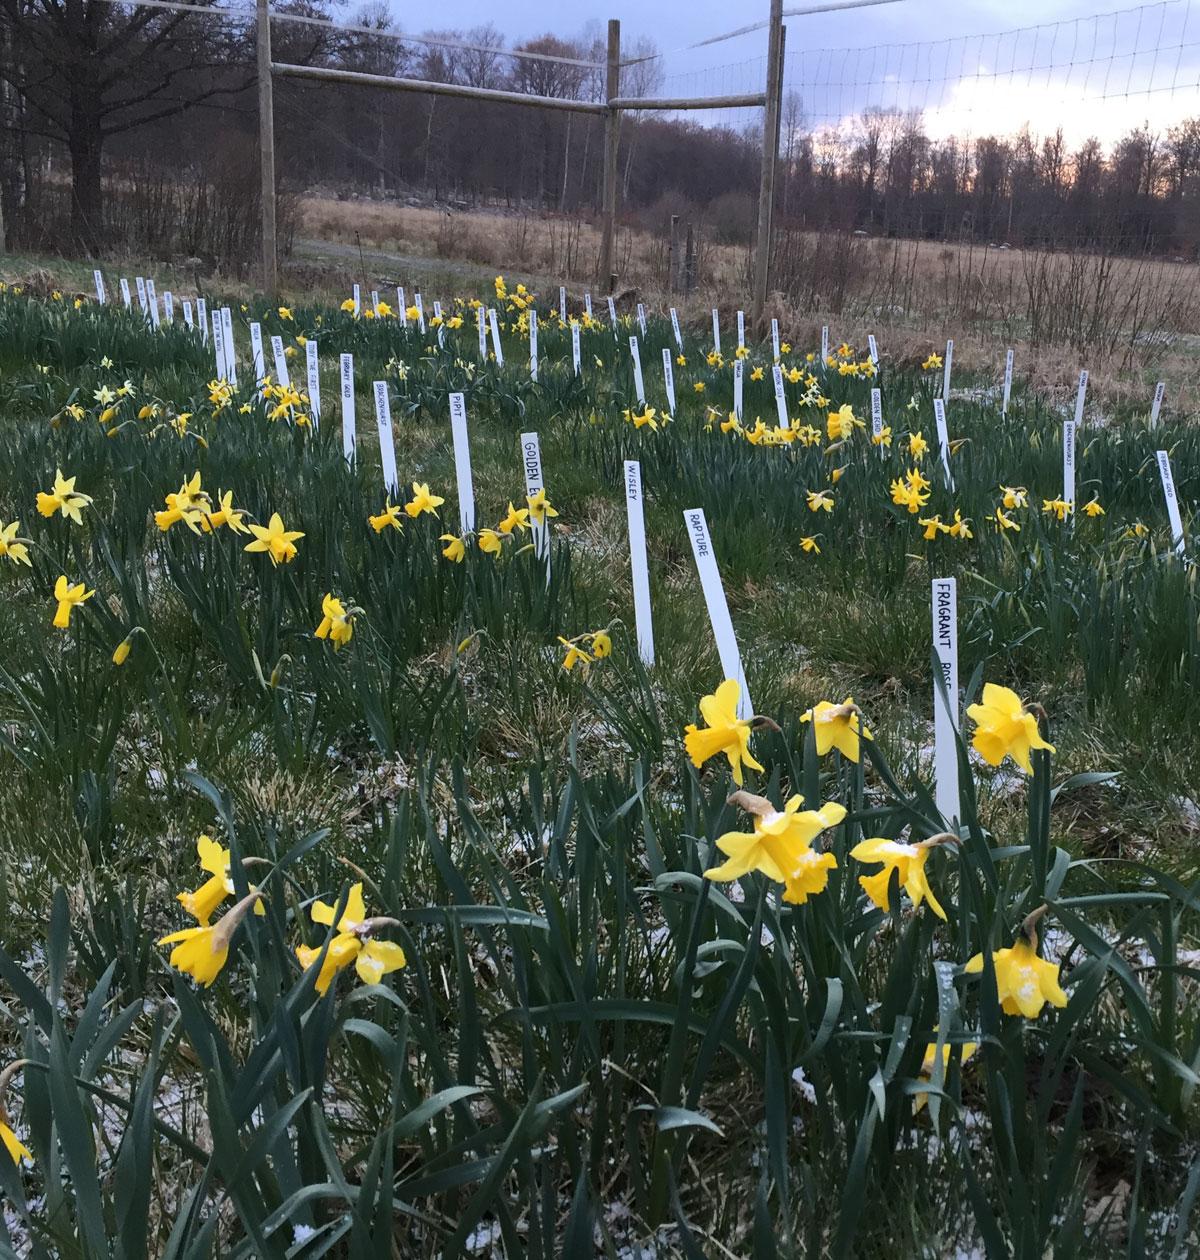 Narcis-forsøg i prøvemarken i april